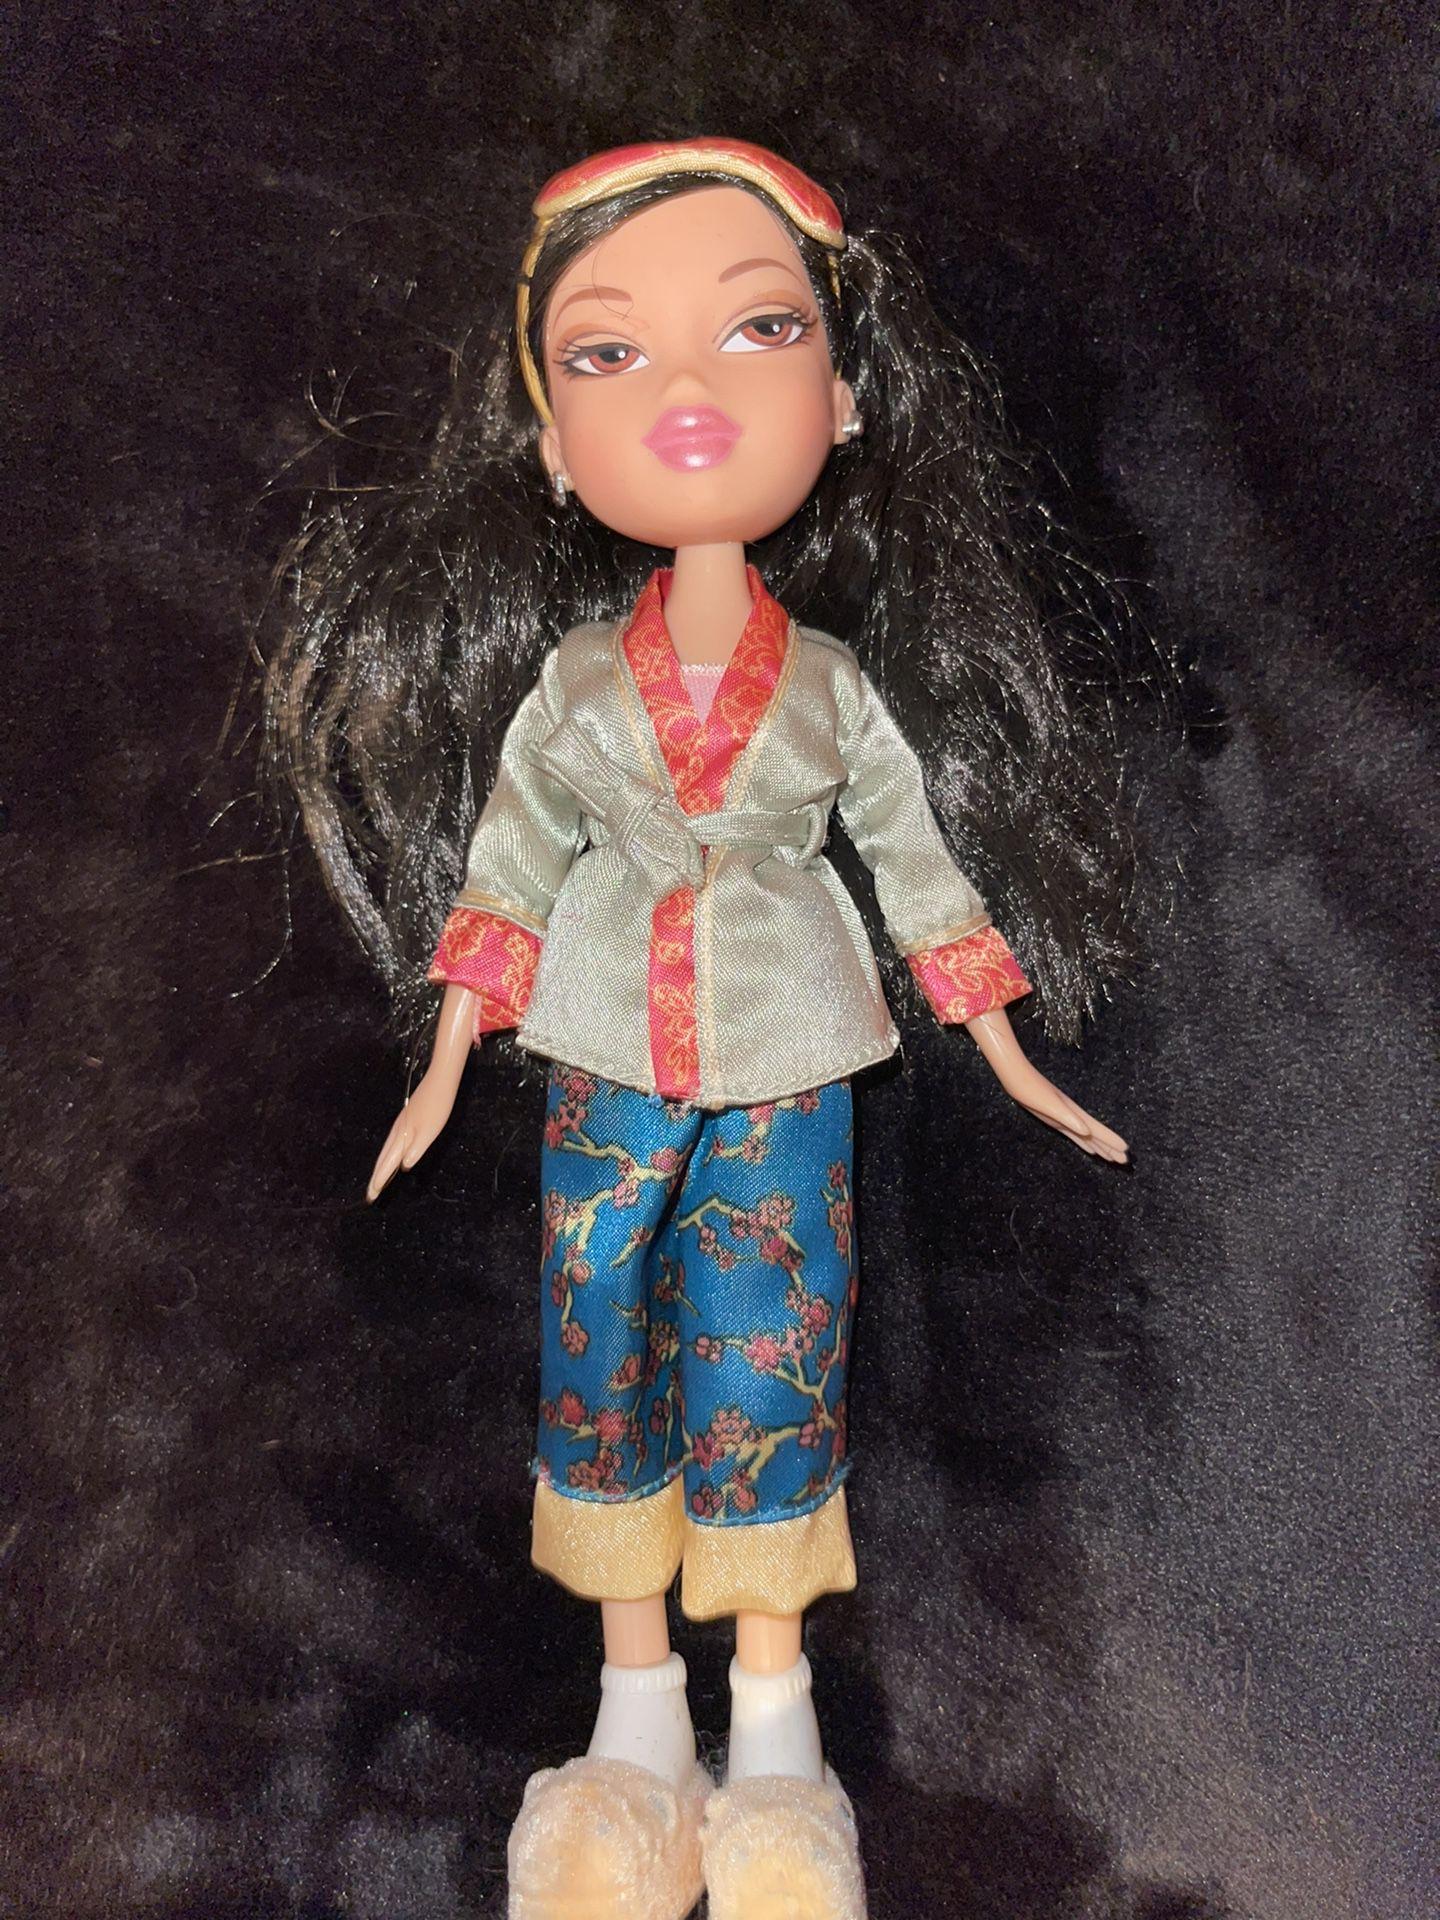 Original Clothed Bratz Dolls